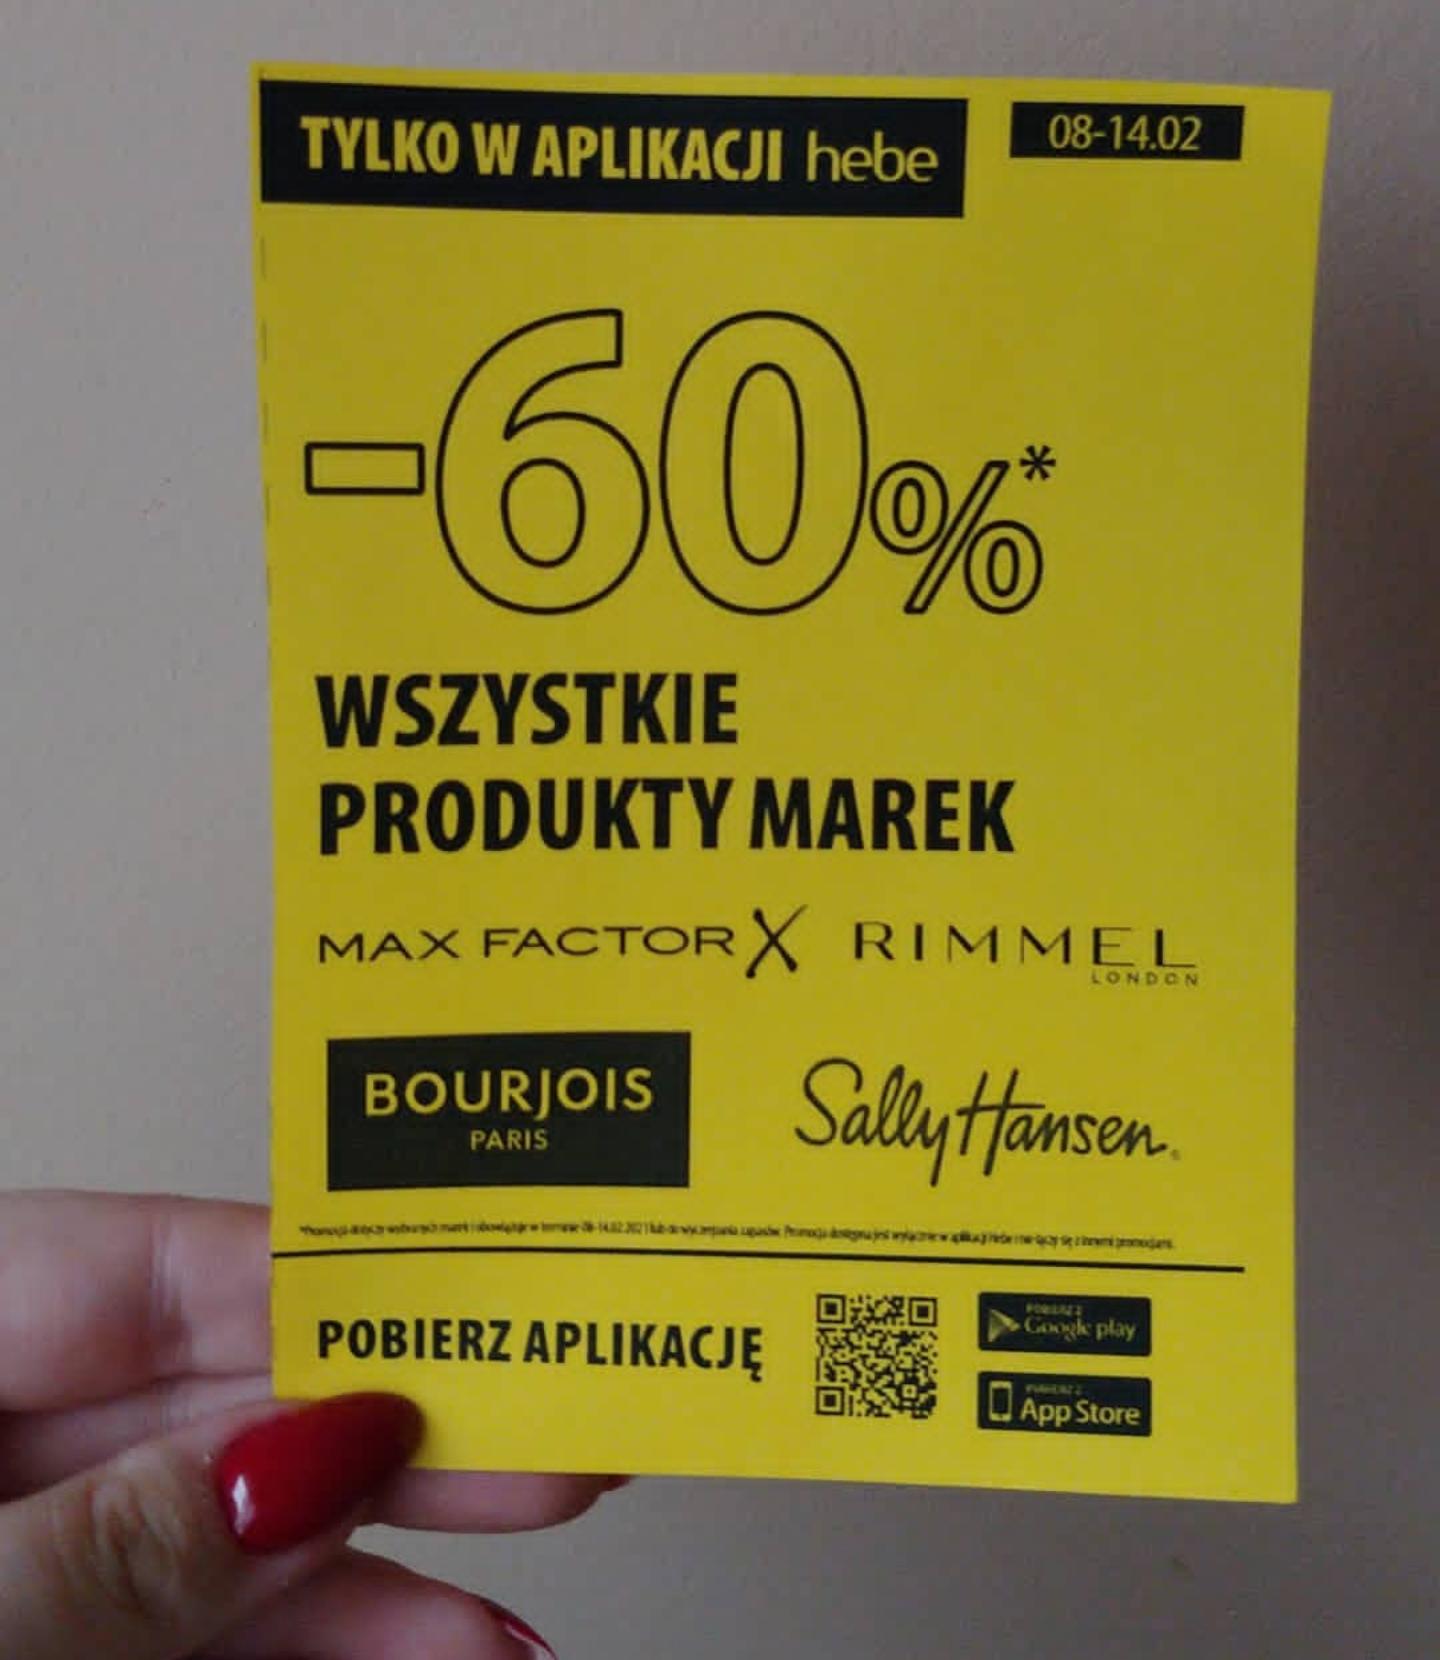 Hebe promo -60% na wybrane marki makijażowe